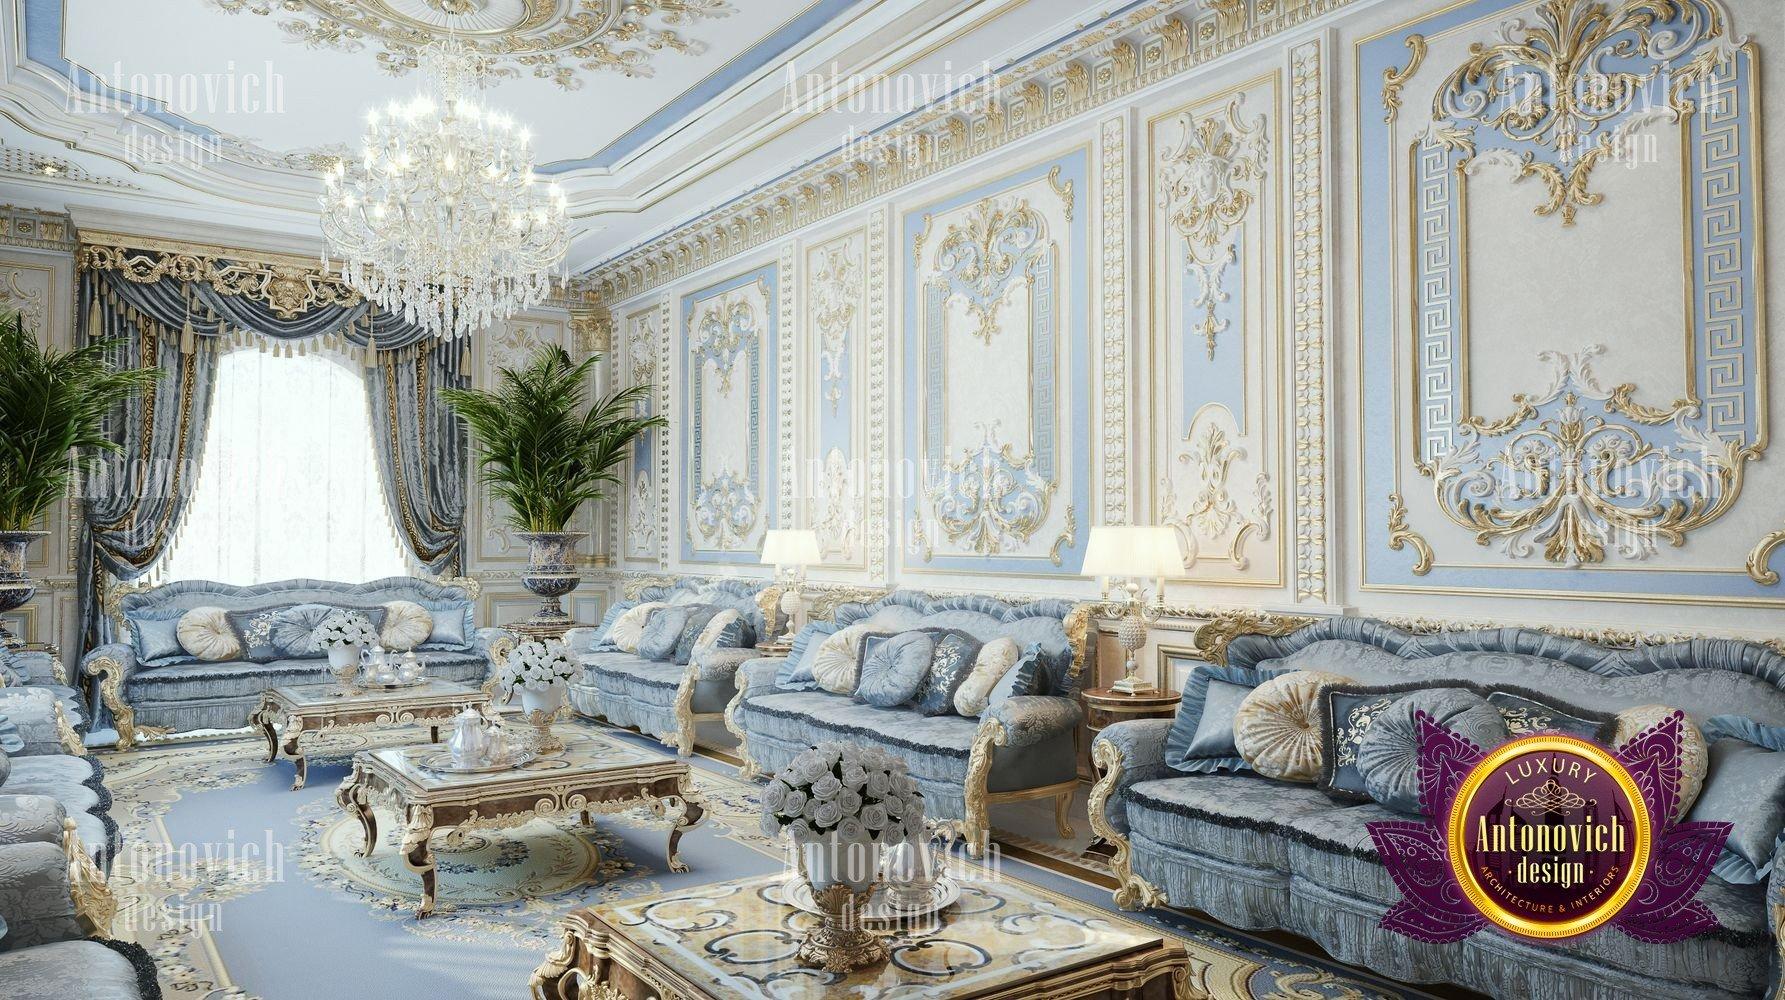 Dubai Home Decor Stores